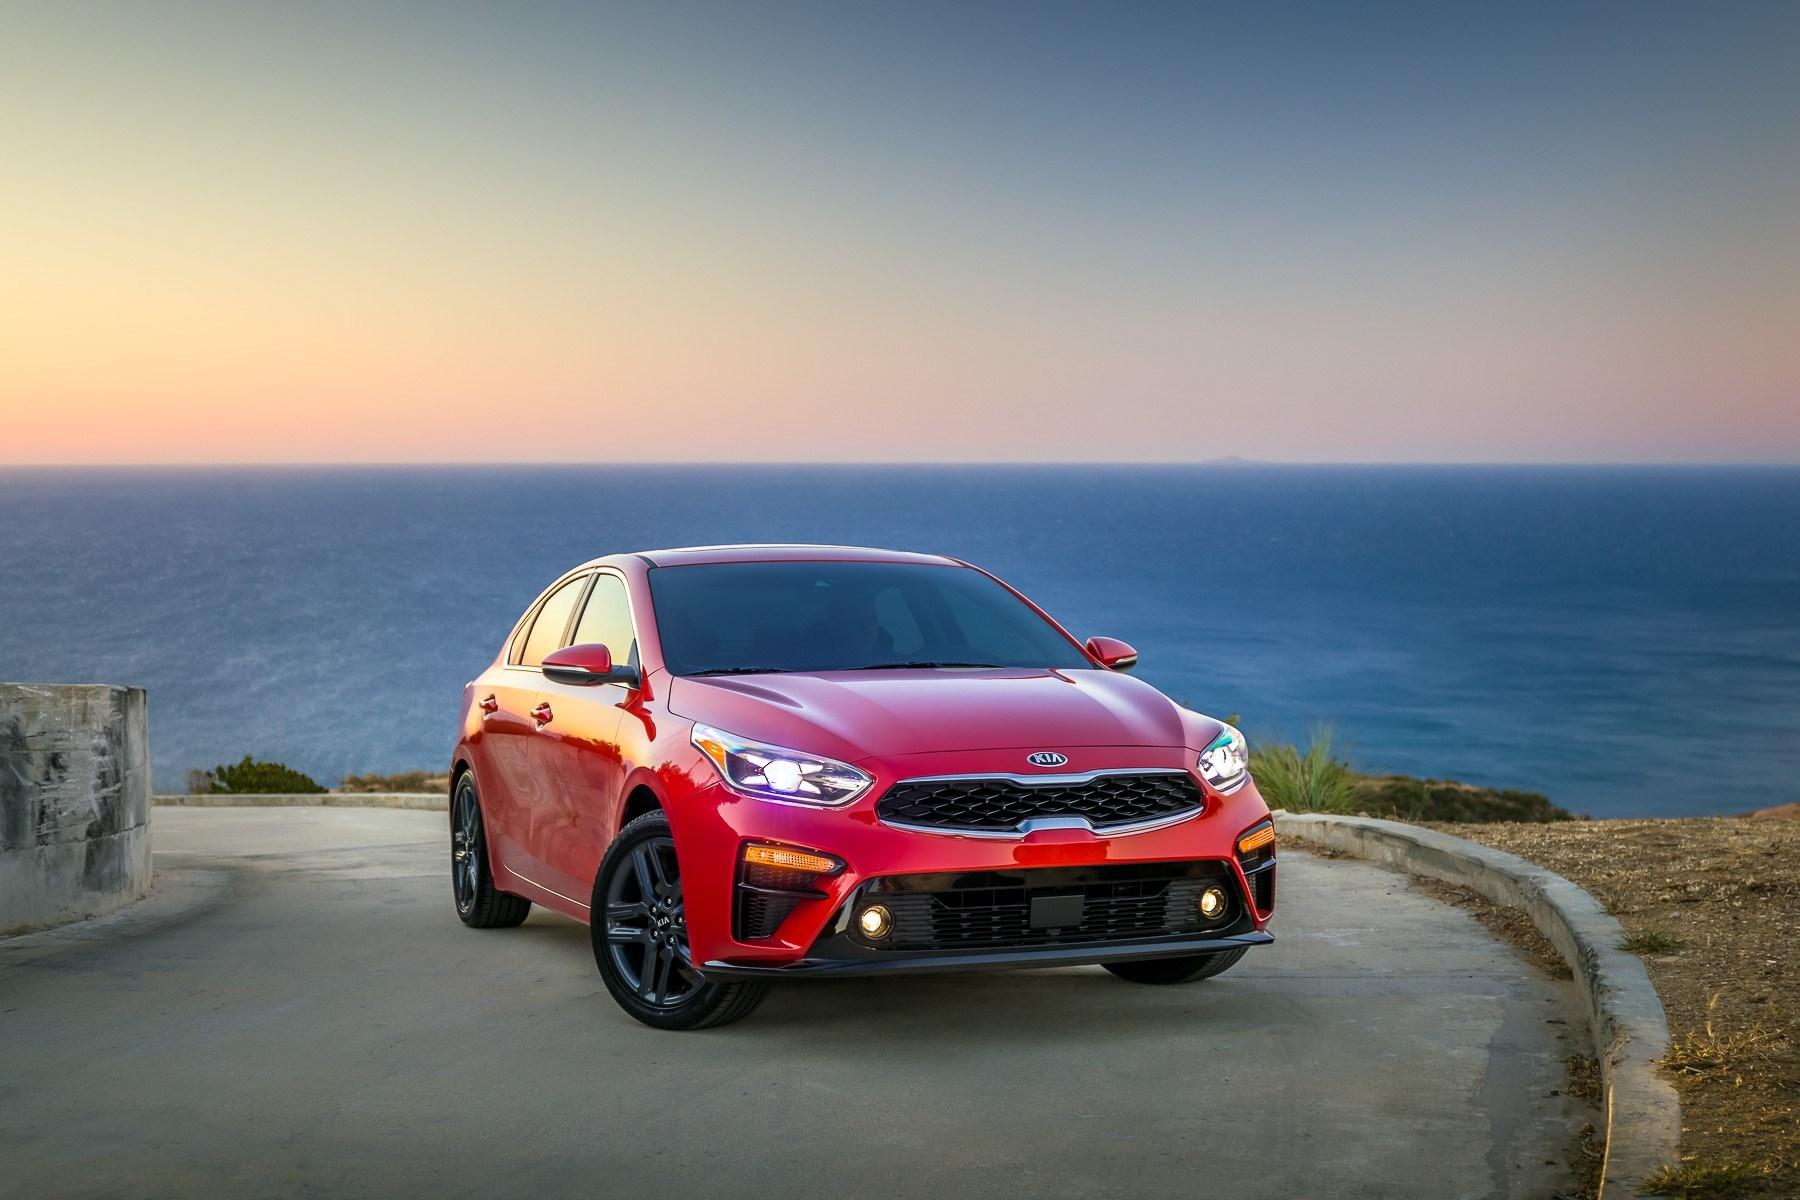 2019 Kia Forte Unveiled At Naias Korean Car Blog